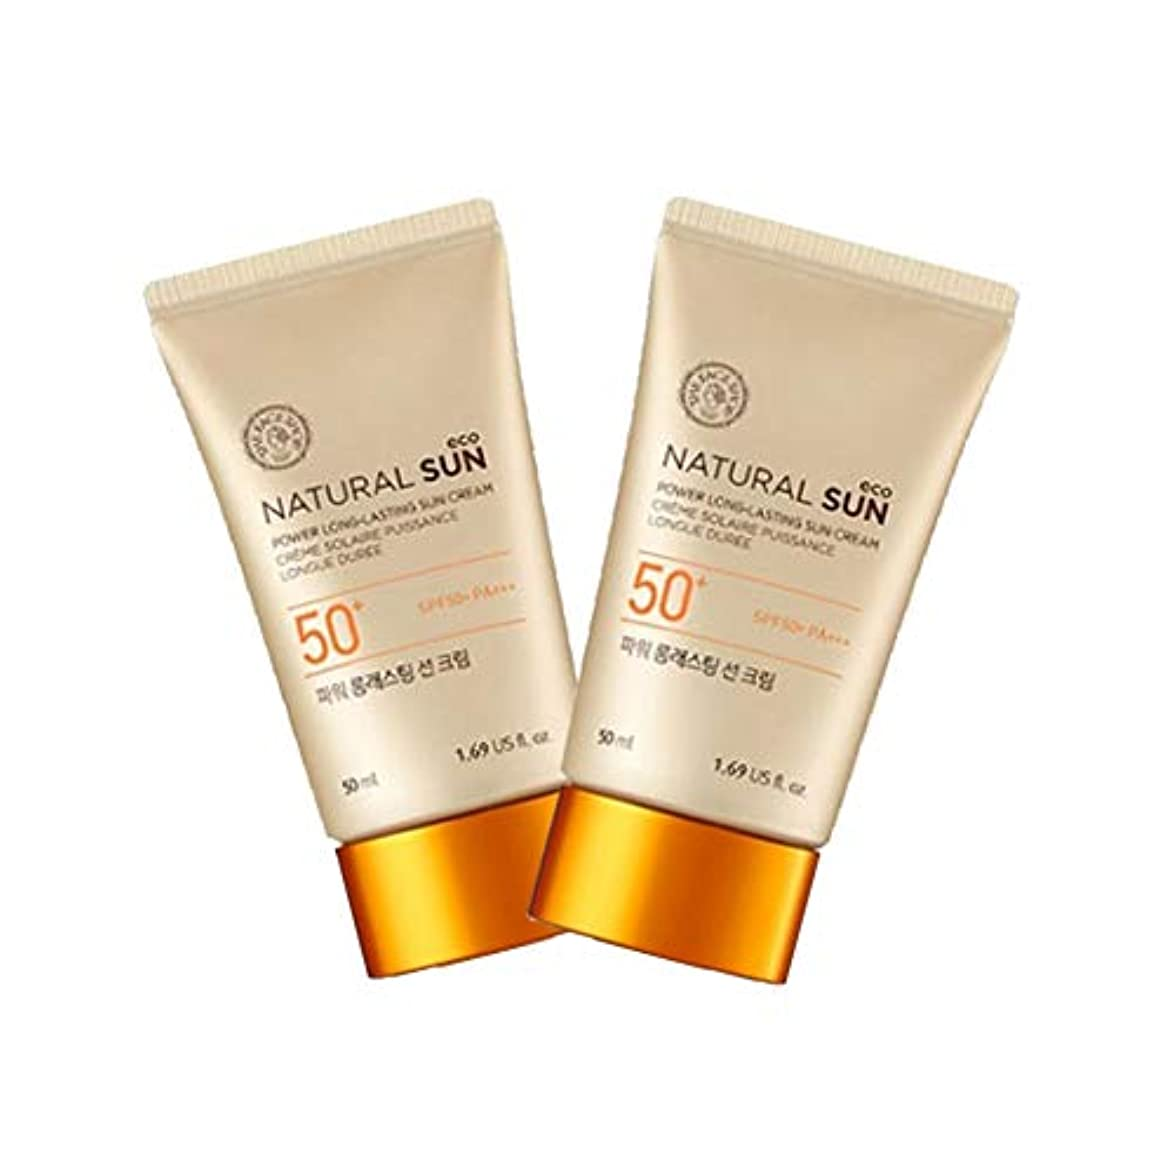 蚊収束価値のないザ?フェイスショップナチュラルサンエコパワーロングラスティングサンクリーム50mlx2本セット韓国コスメ、The Face Shop Natural Sun Eco Power Long Lasting Sun Cream...